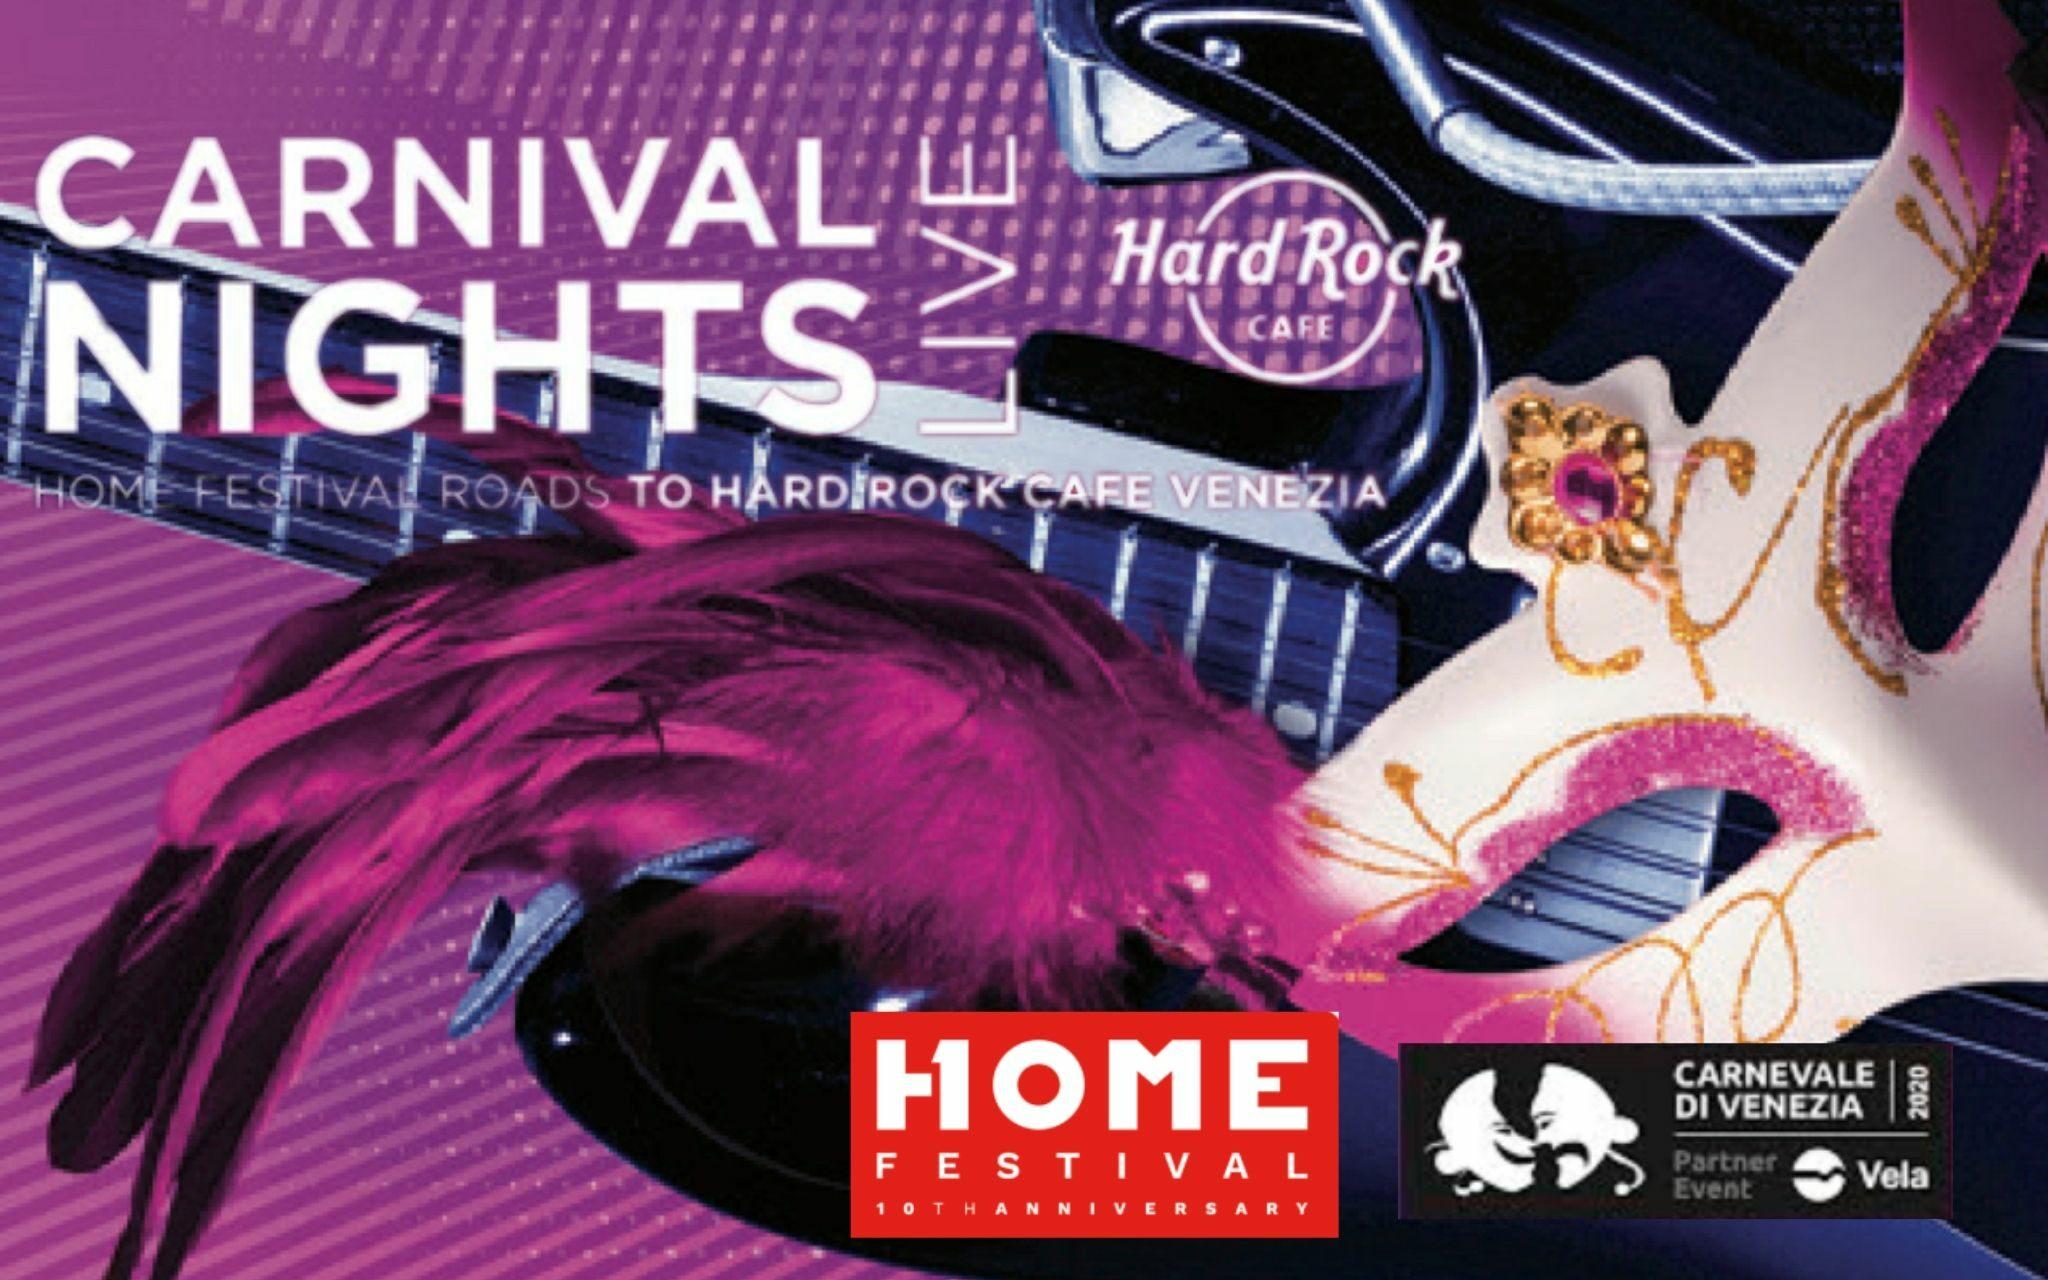 Carnival Nights Live February 15 Carnevale Di Venezia 2021 Sito Ufficiale